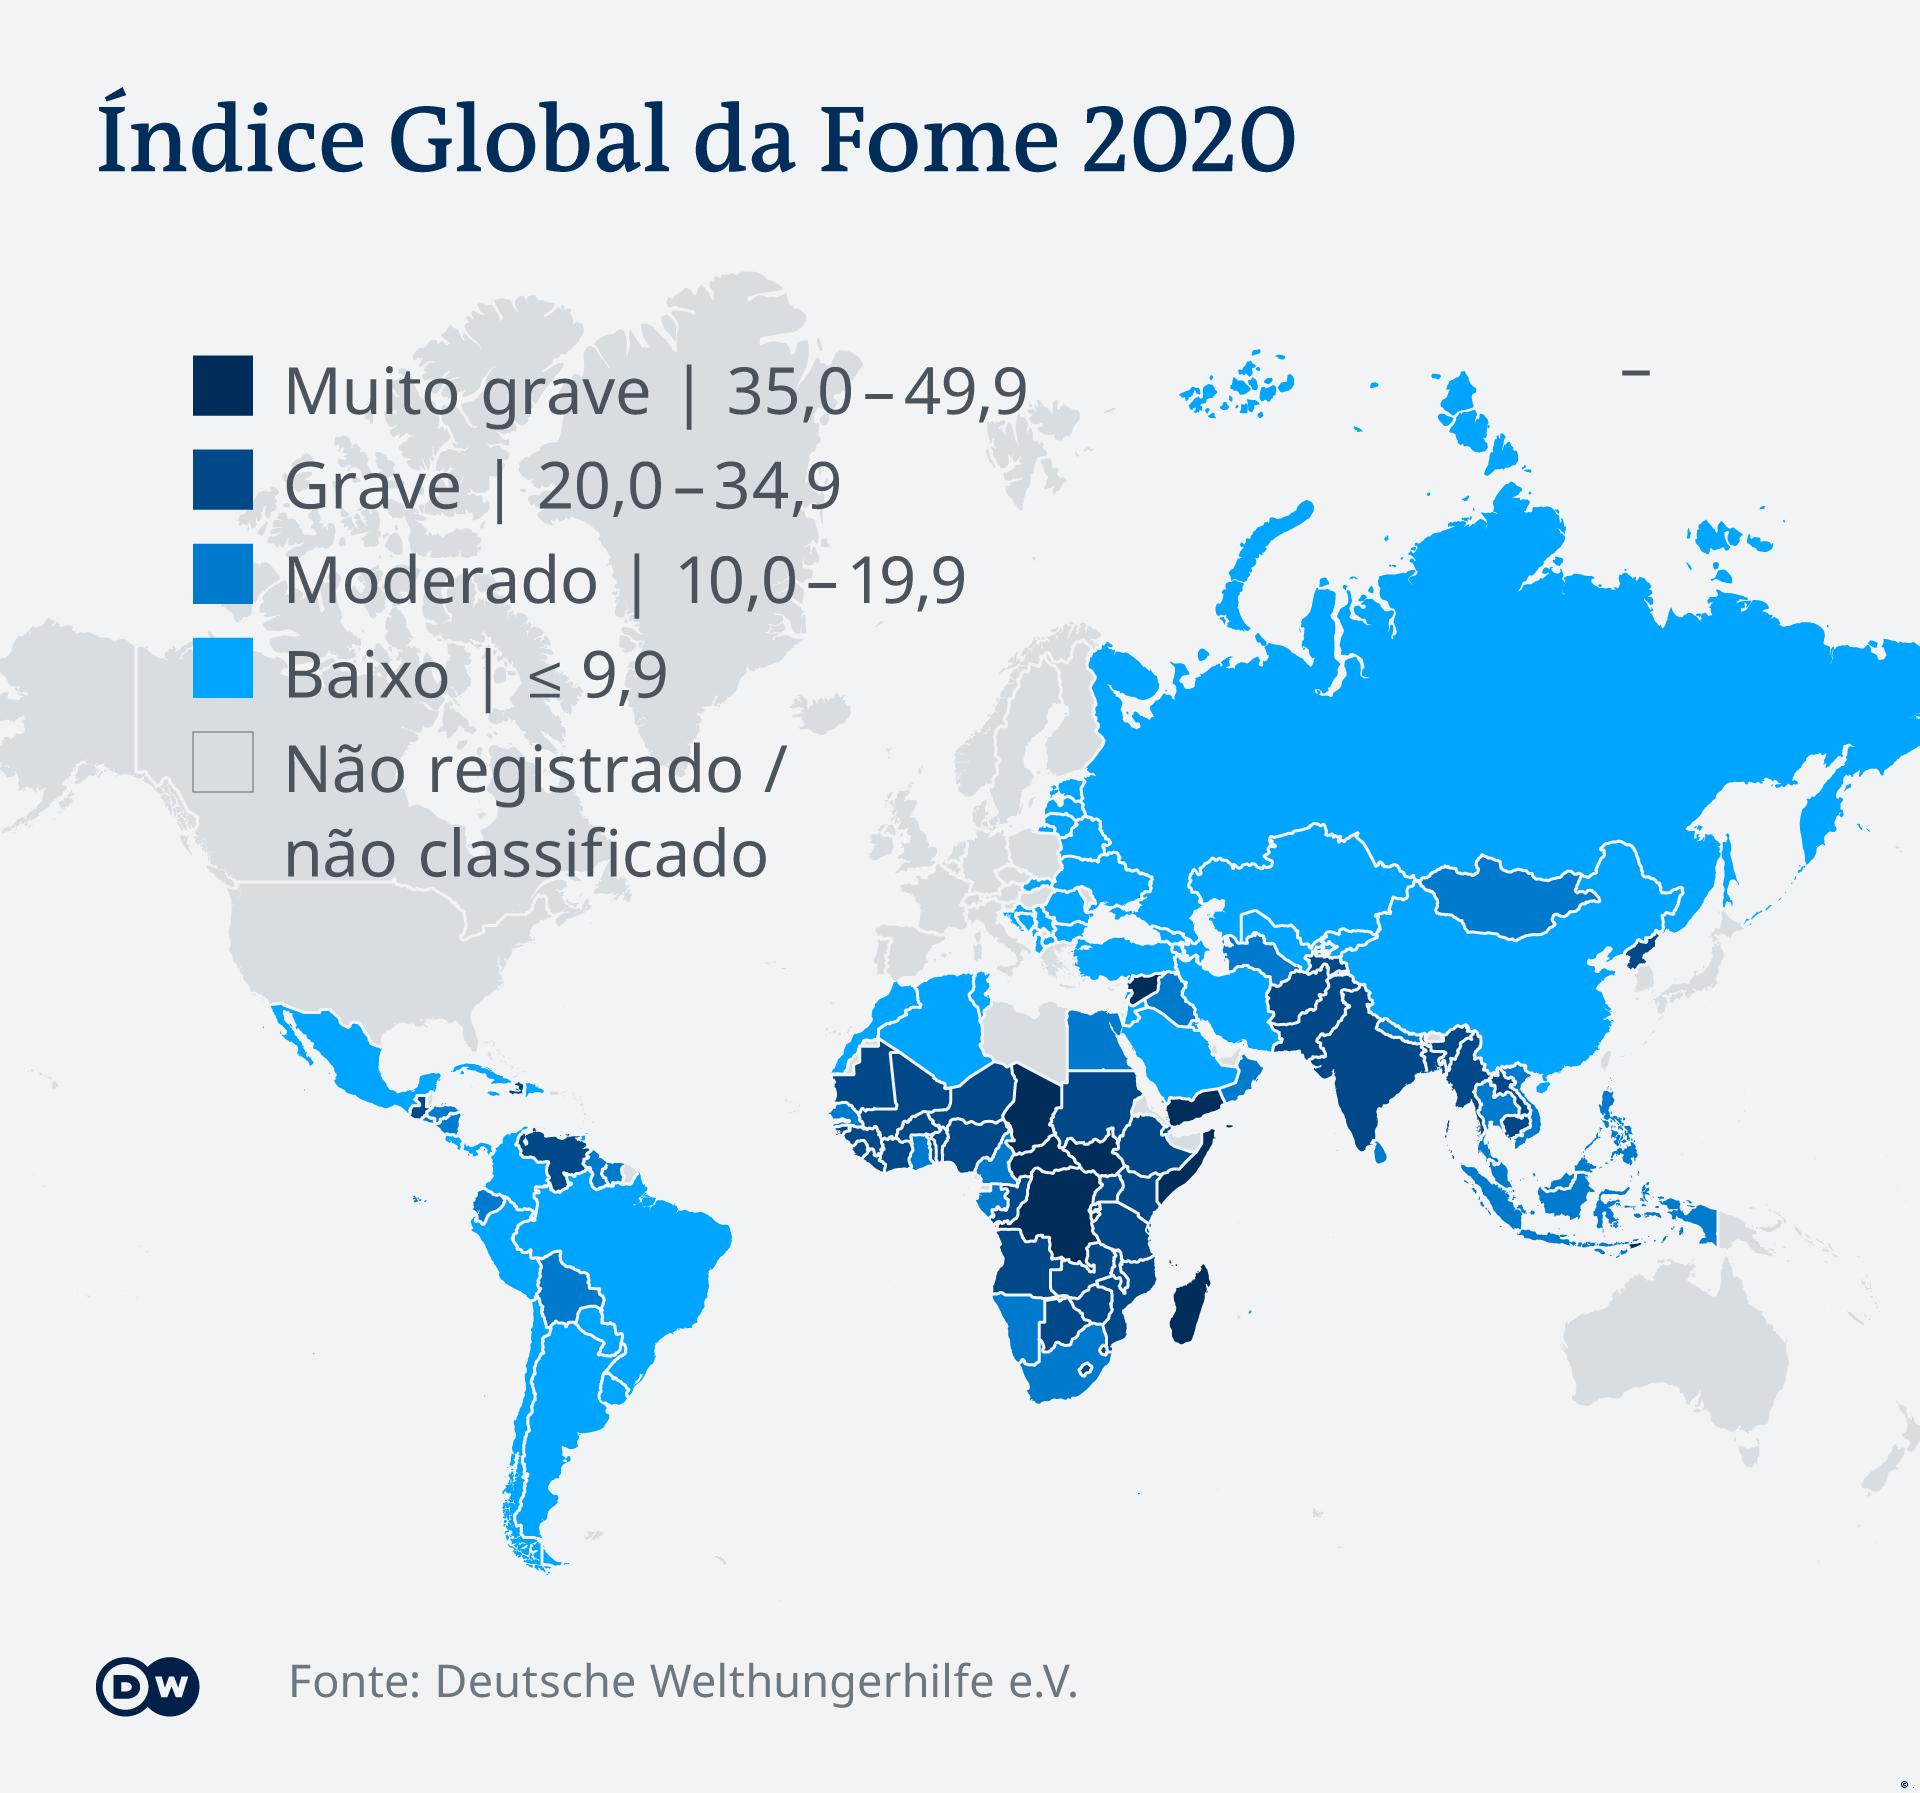 Índice Global da Fome